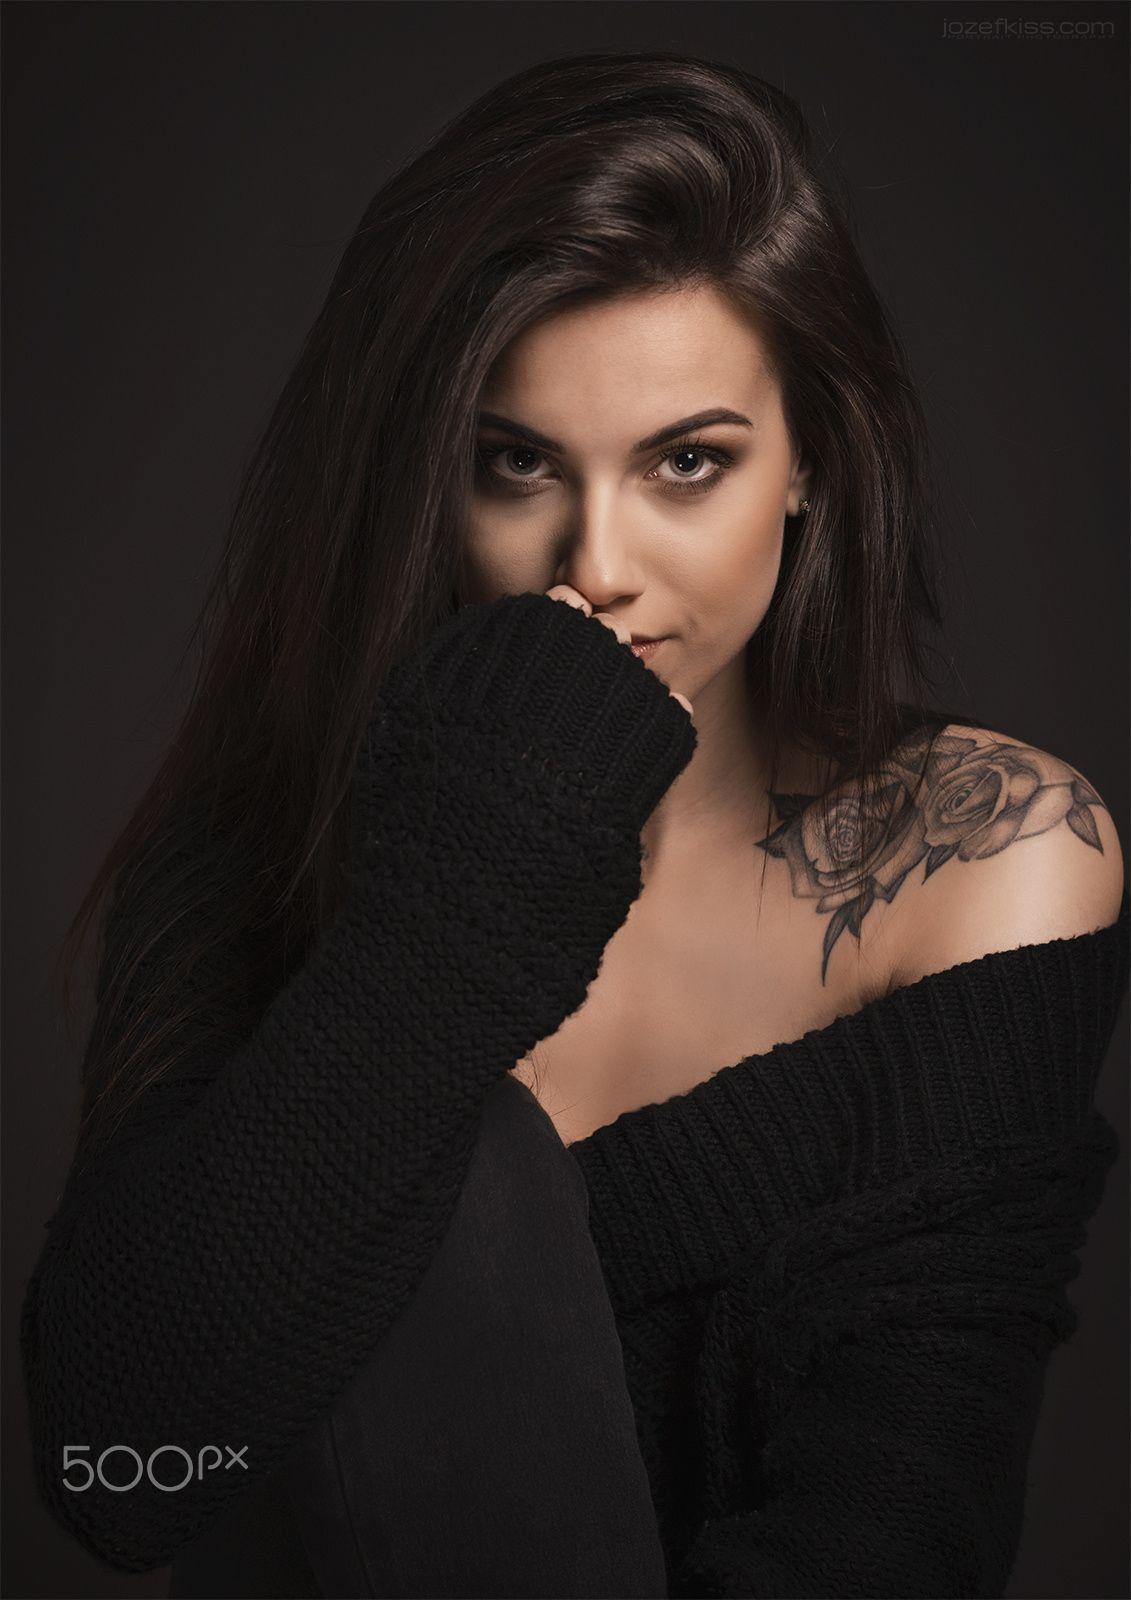 Miriama - Model: Miriama Hollósiová